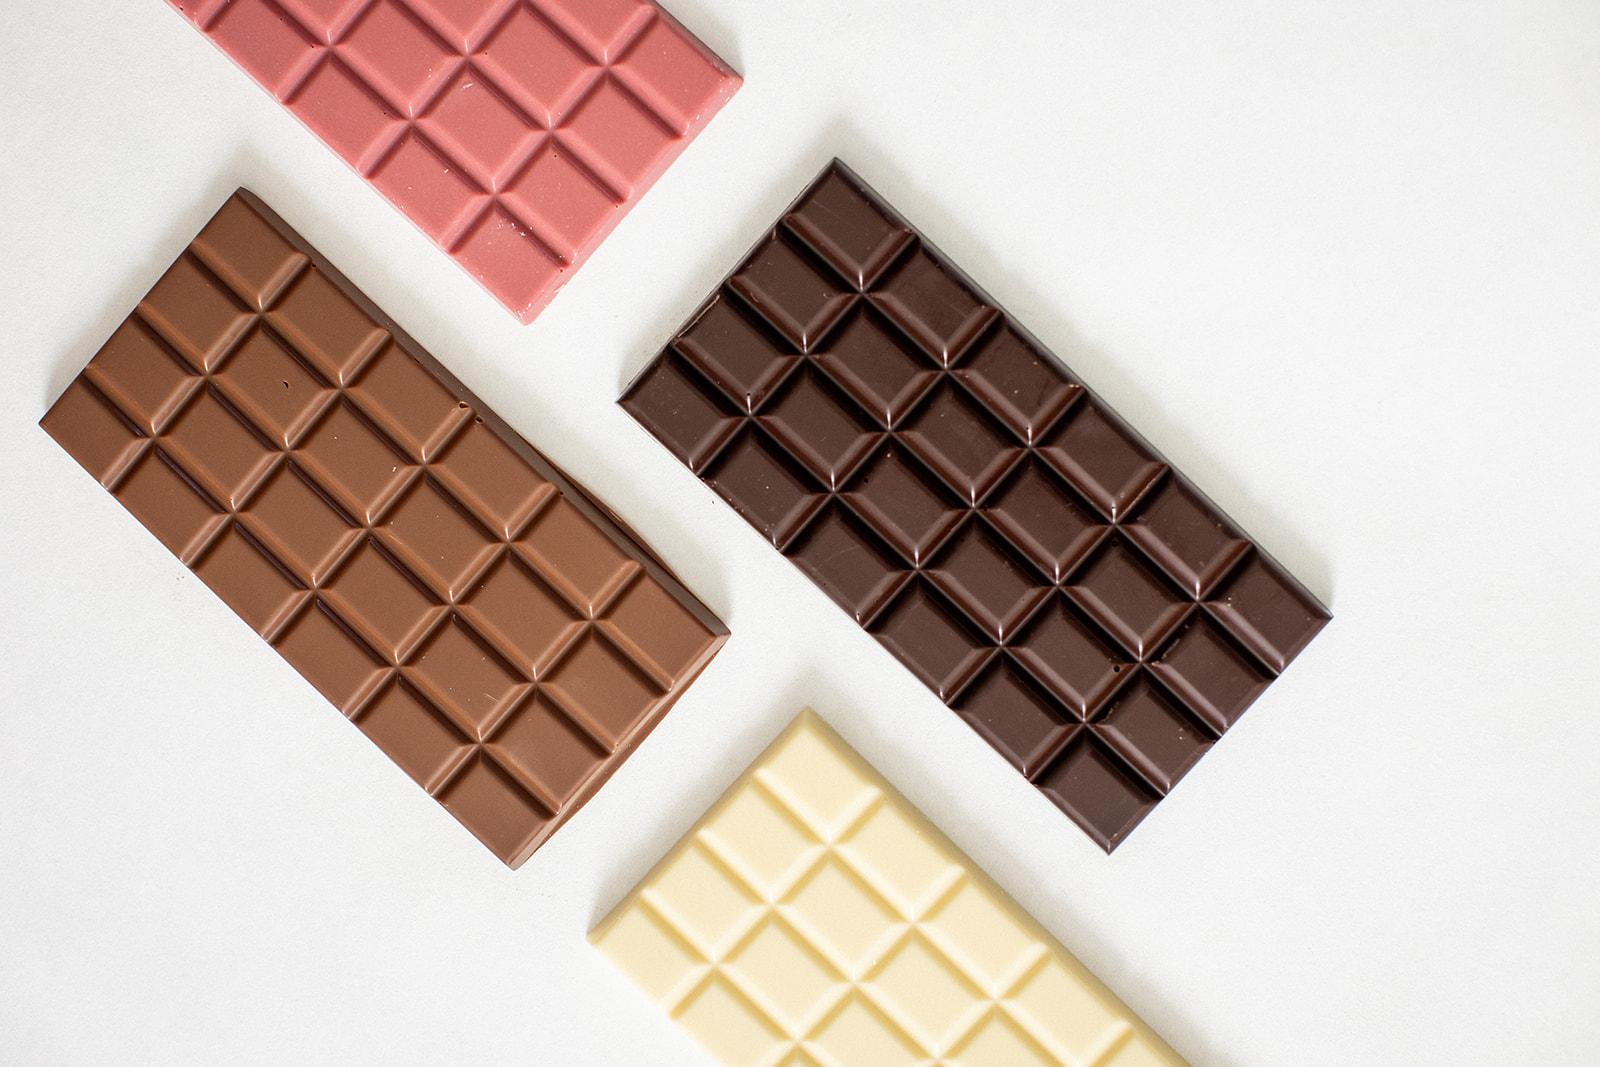 قیمت انواع شکلات تخته ای کیلویی